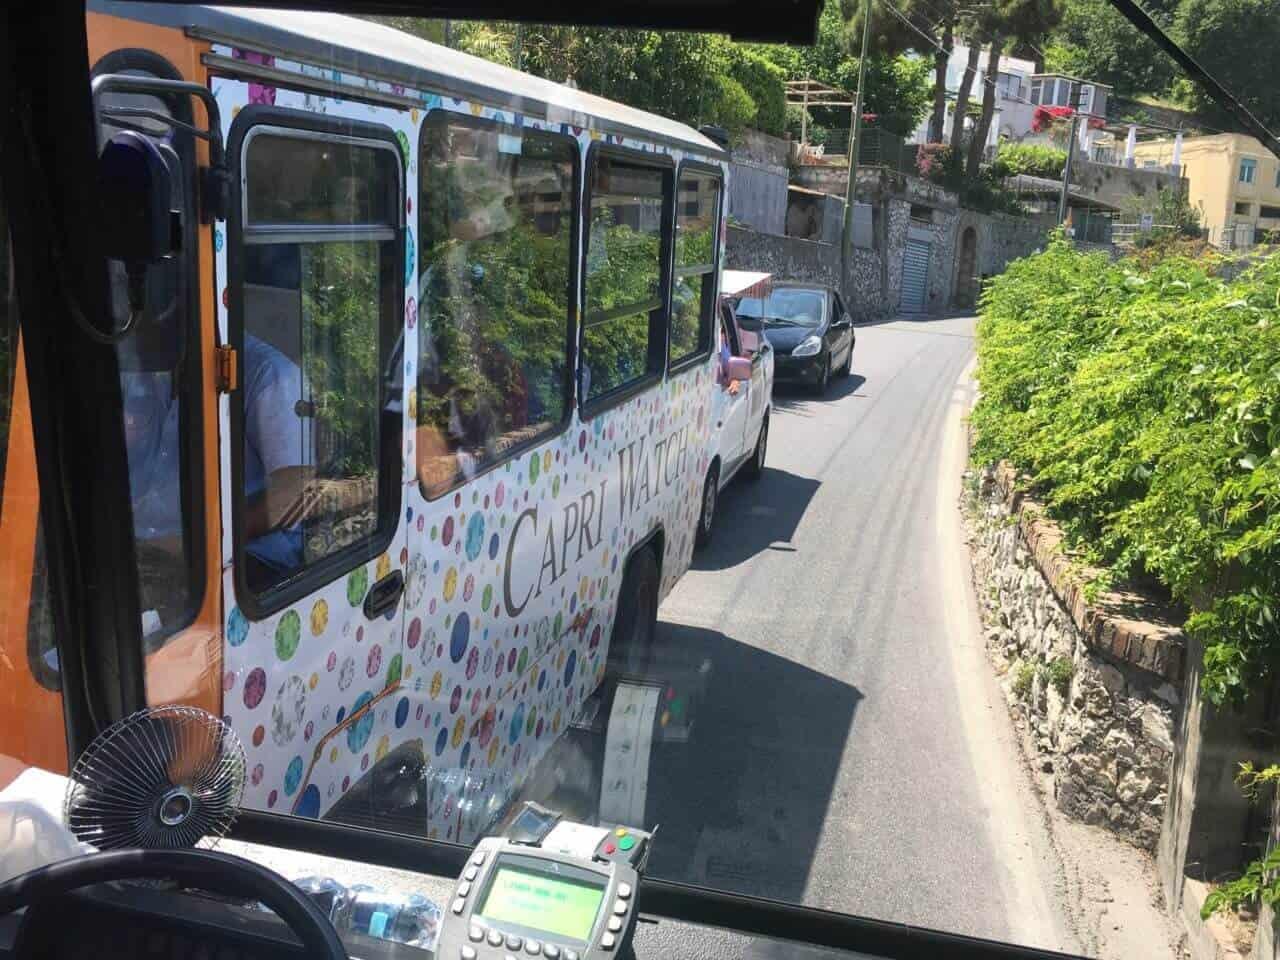 Straße mit zwei Bussen